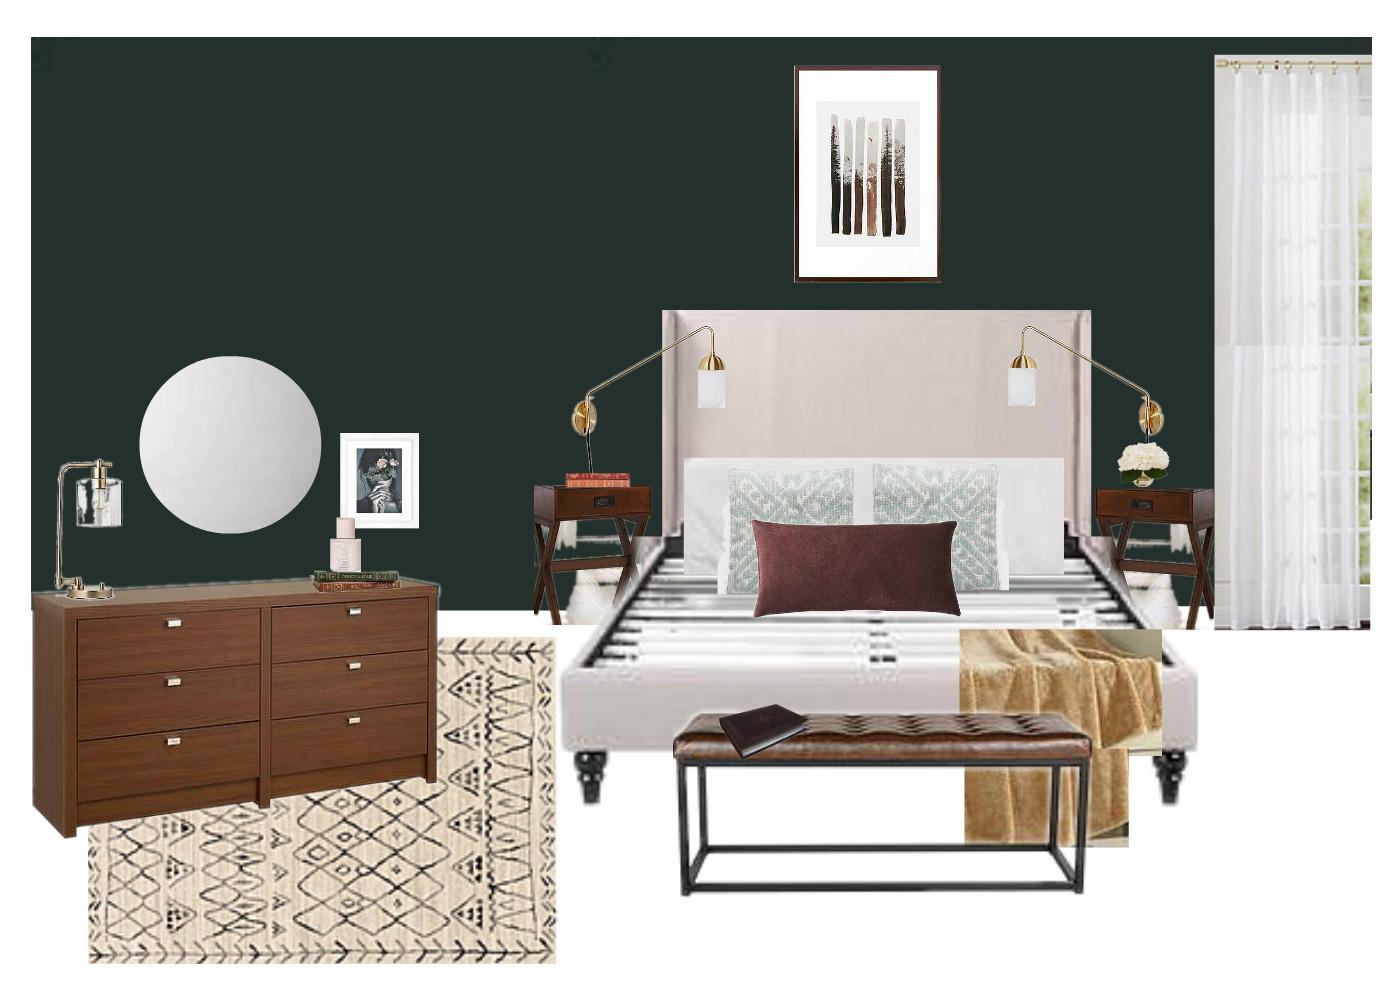 OB-Bedroom 1.jpg